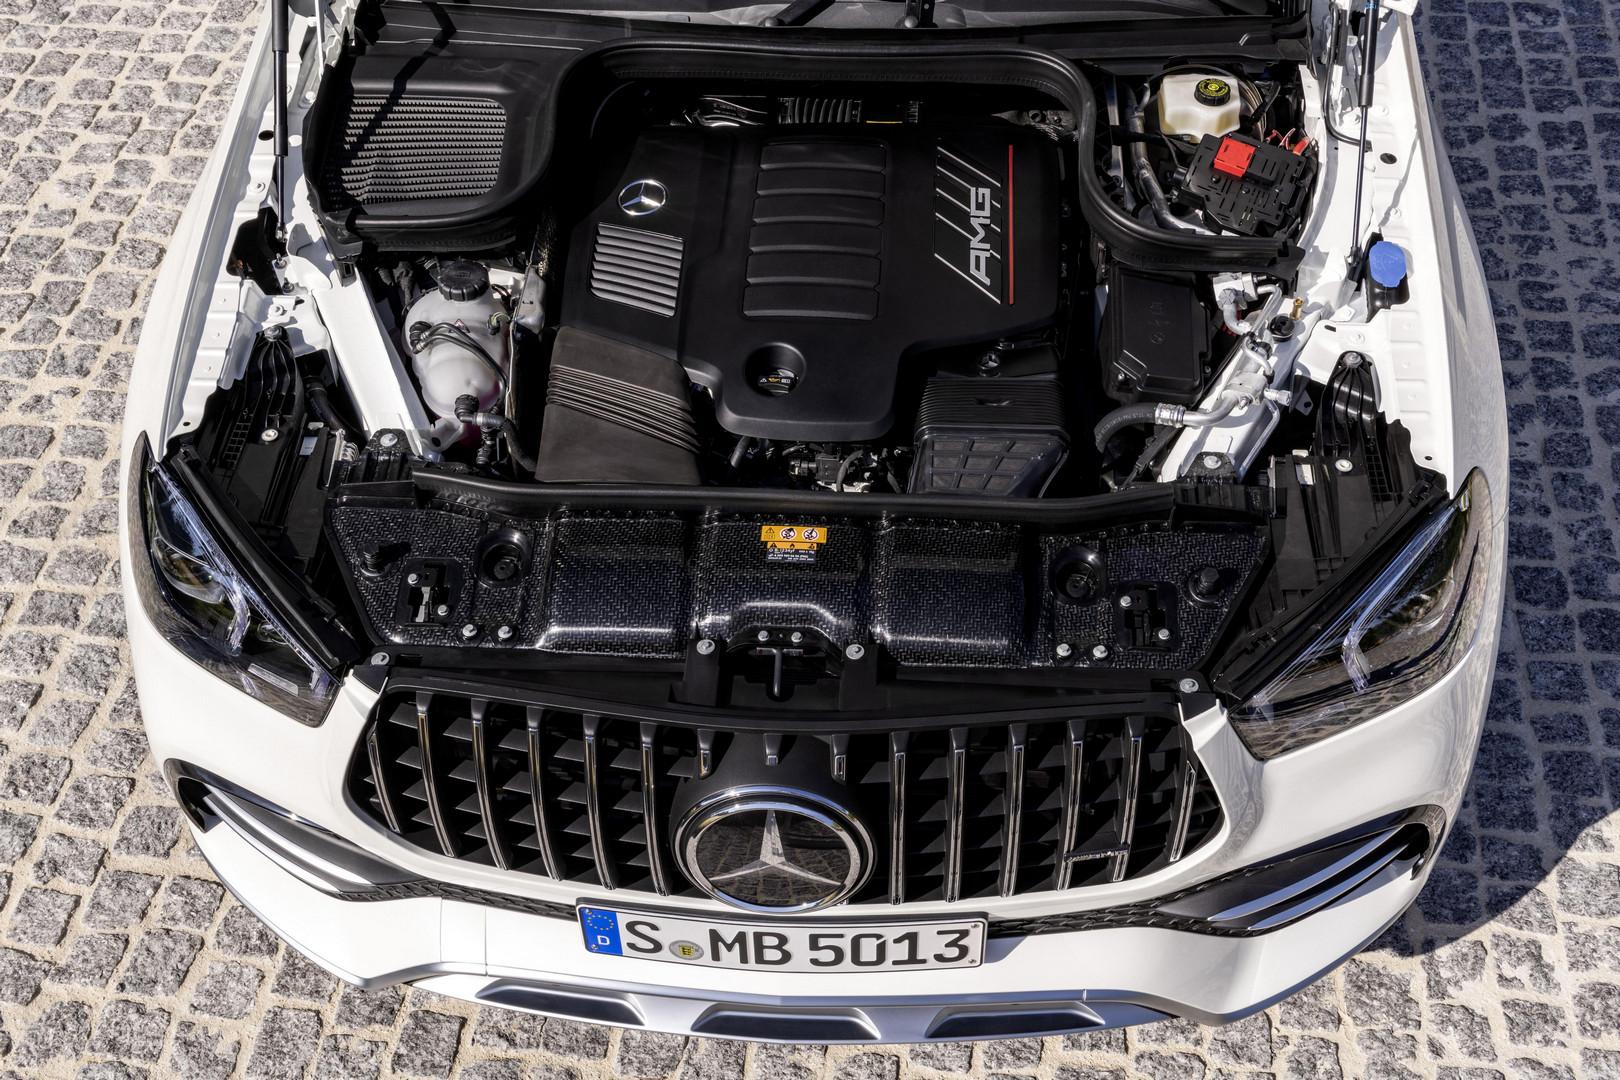 Mercedes-AMG GLE 53 Coupe Engine